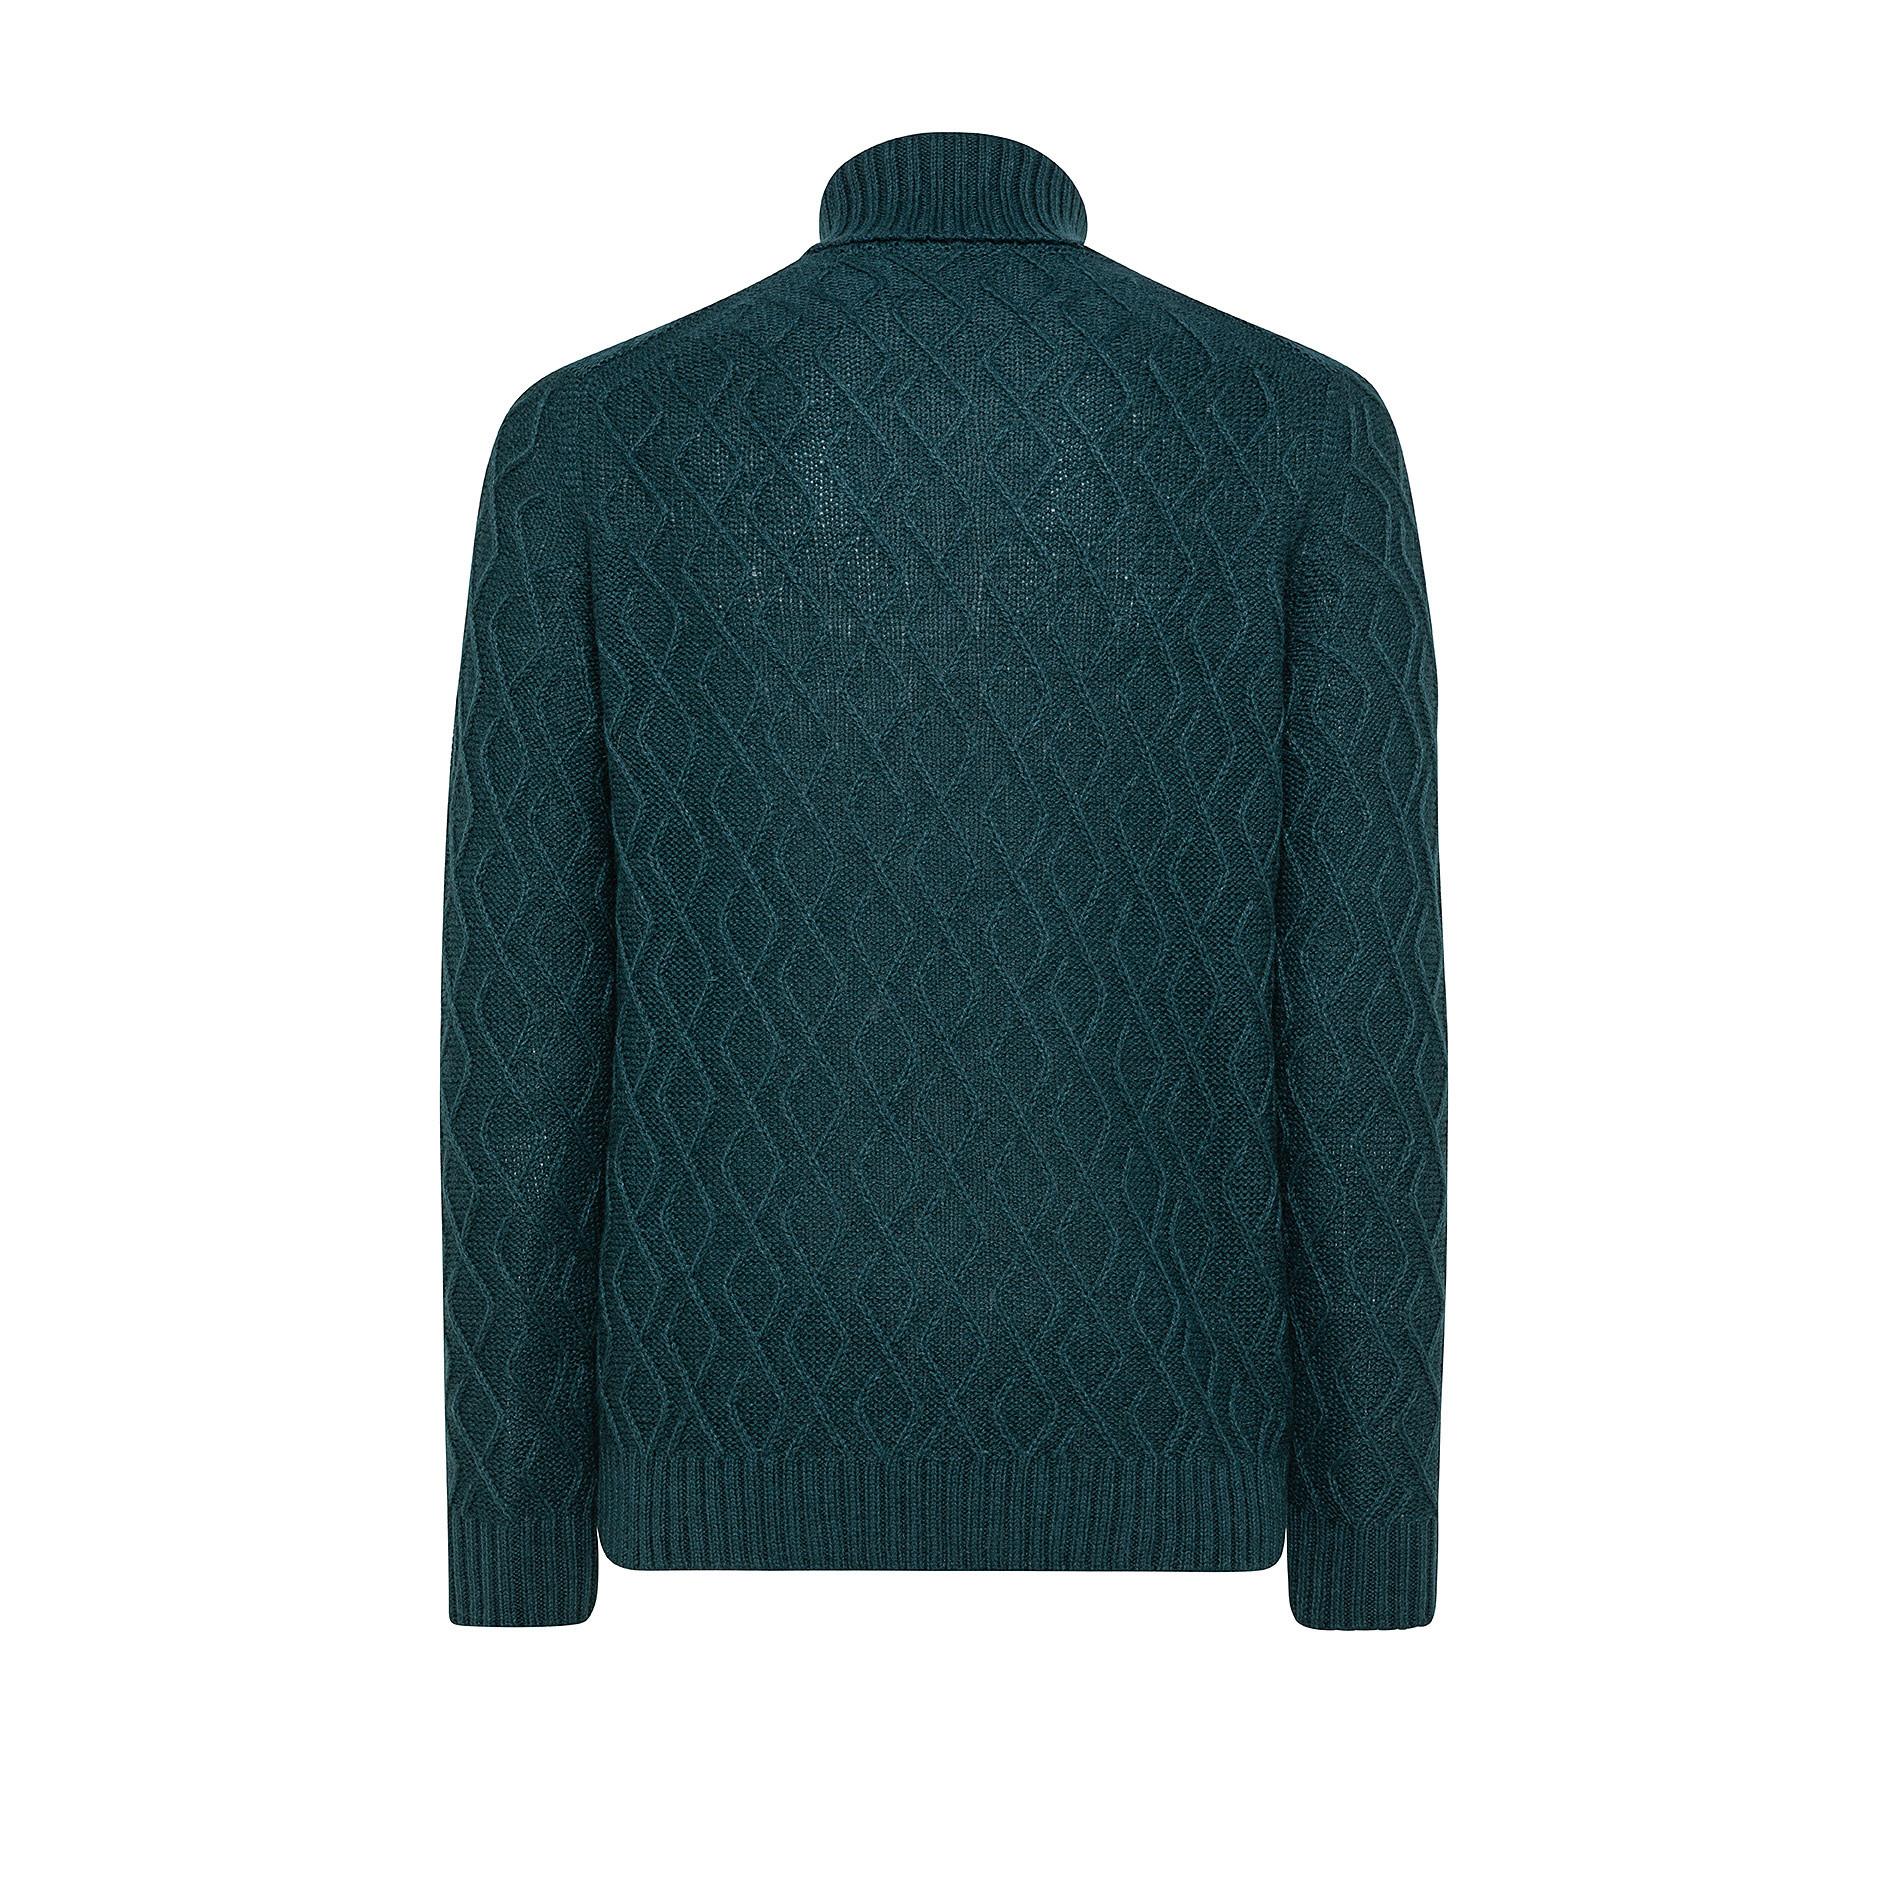 Pullover collo alto motivo a treccia, Verde scuro, large image number 1